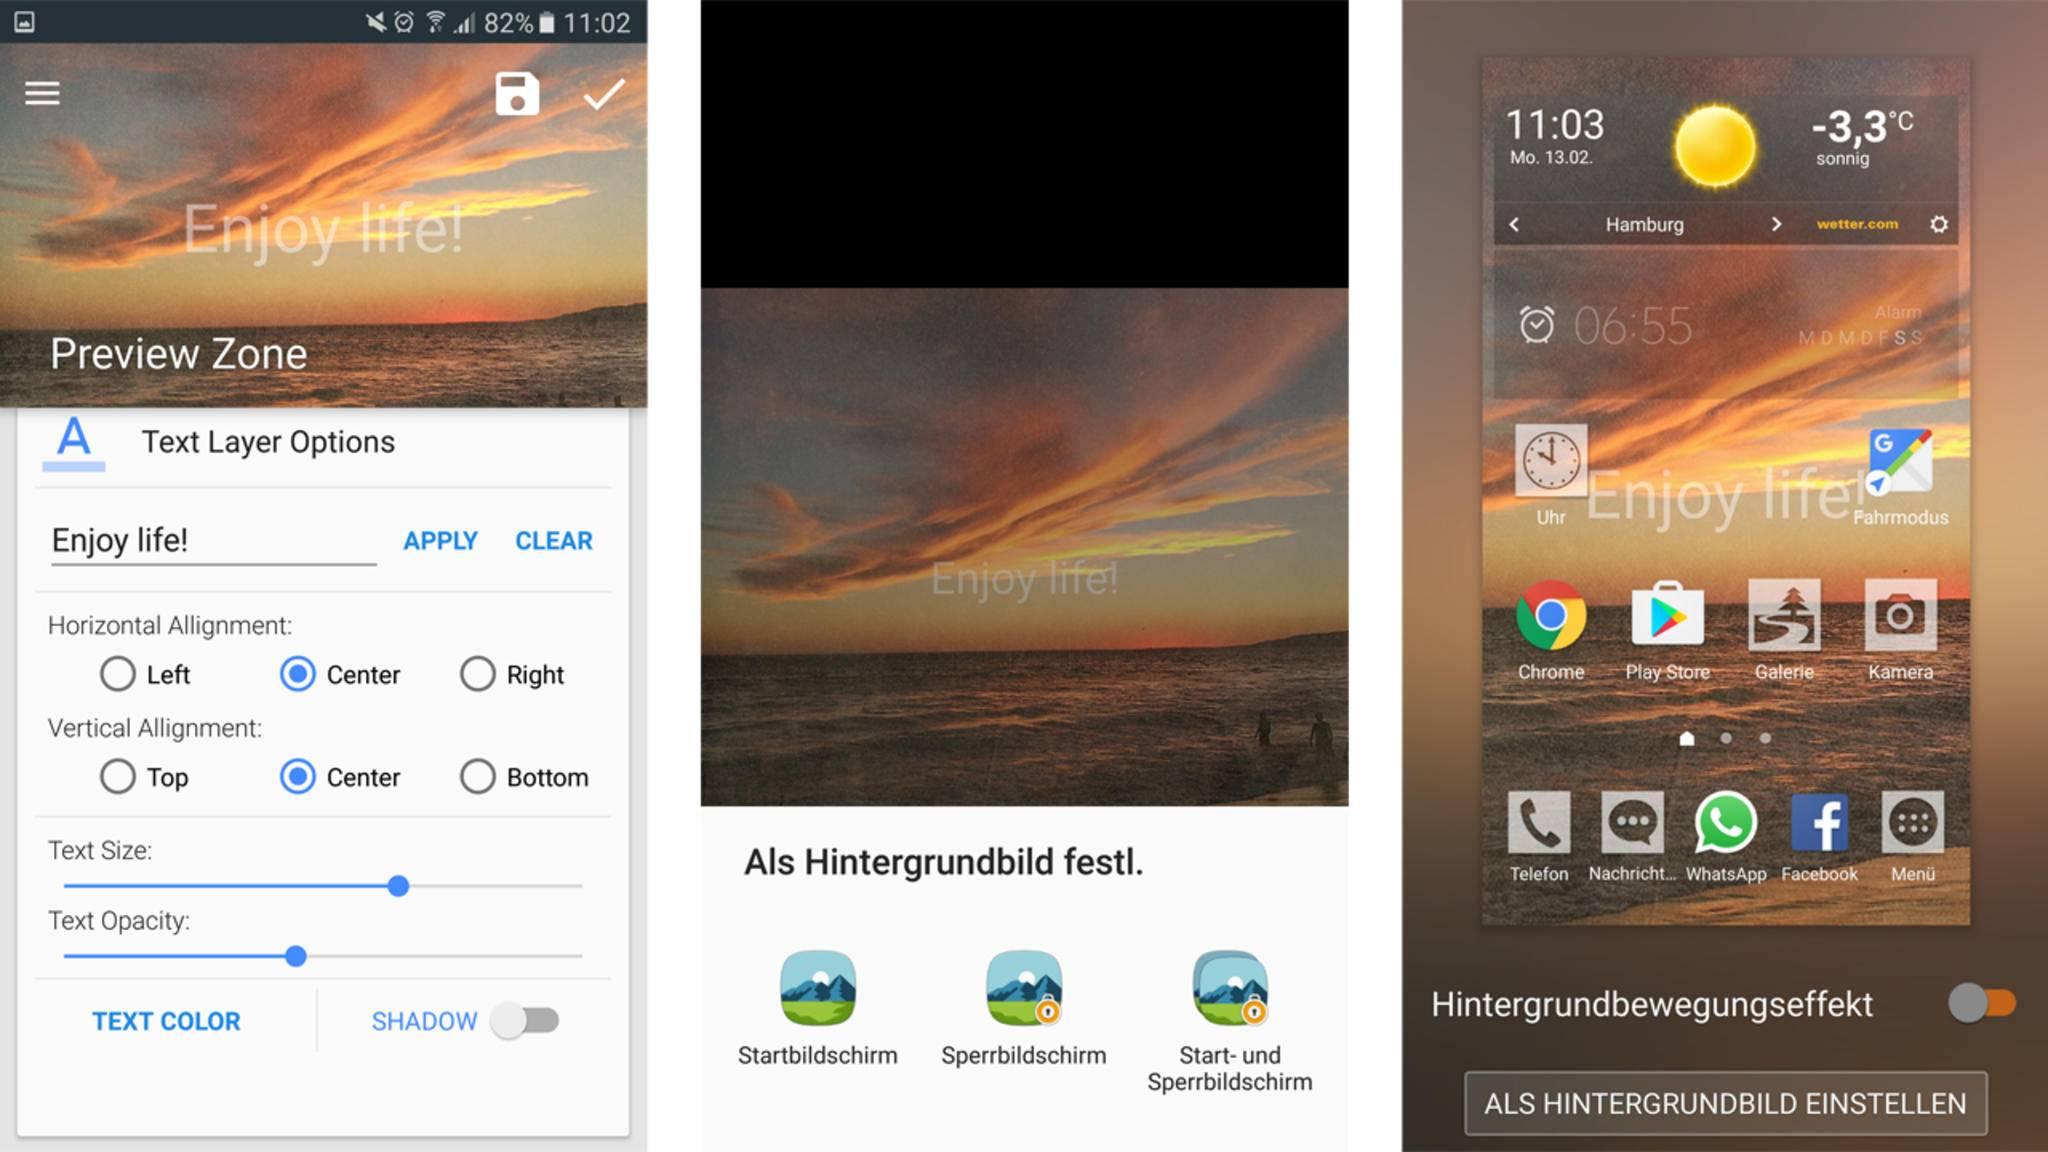 Android automatisch wechselnde wallpaper eigene erstellen - Wallpaper erstellen ...